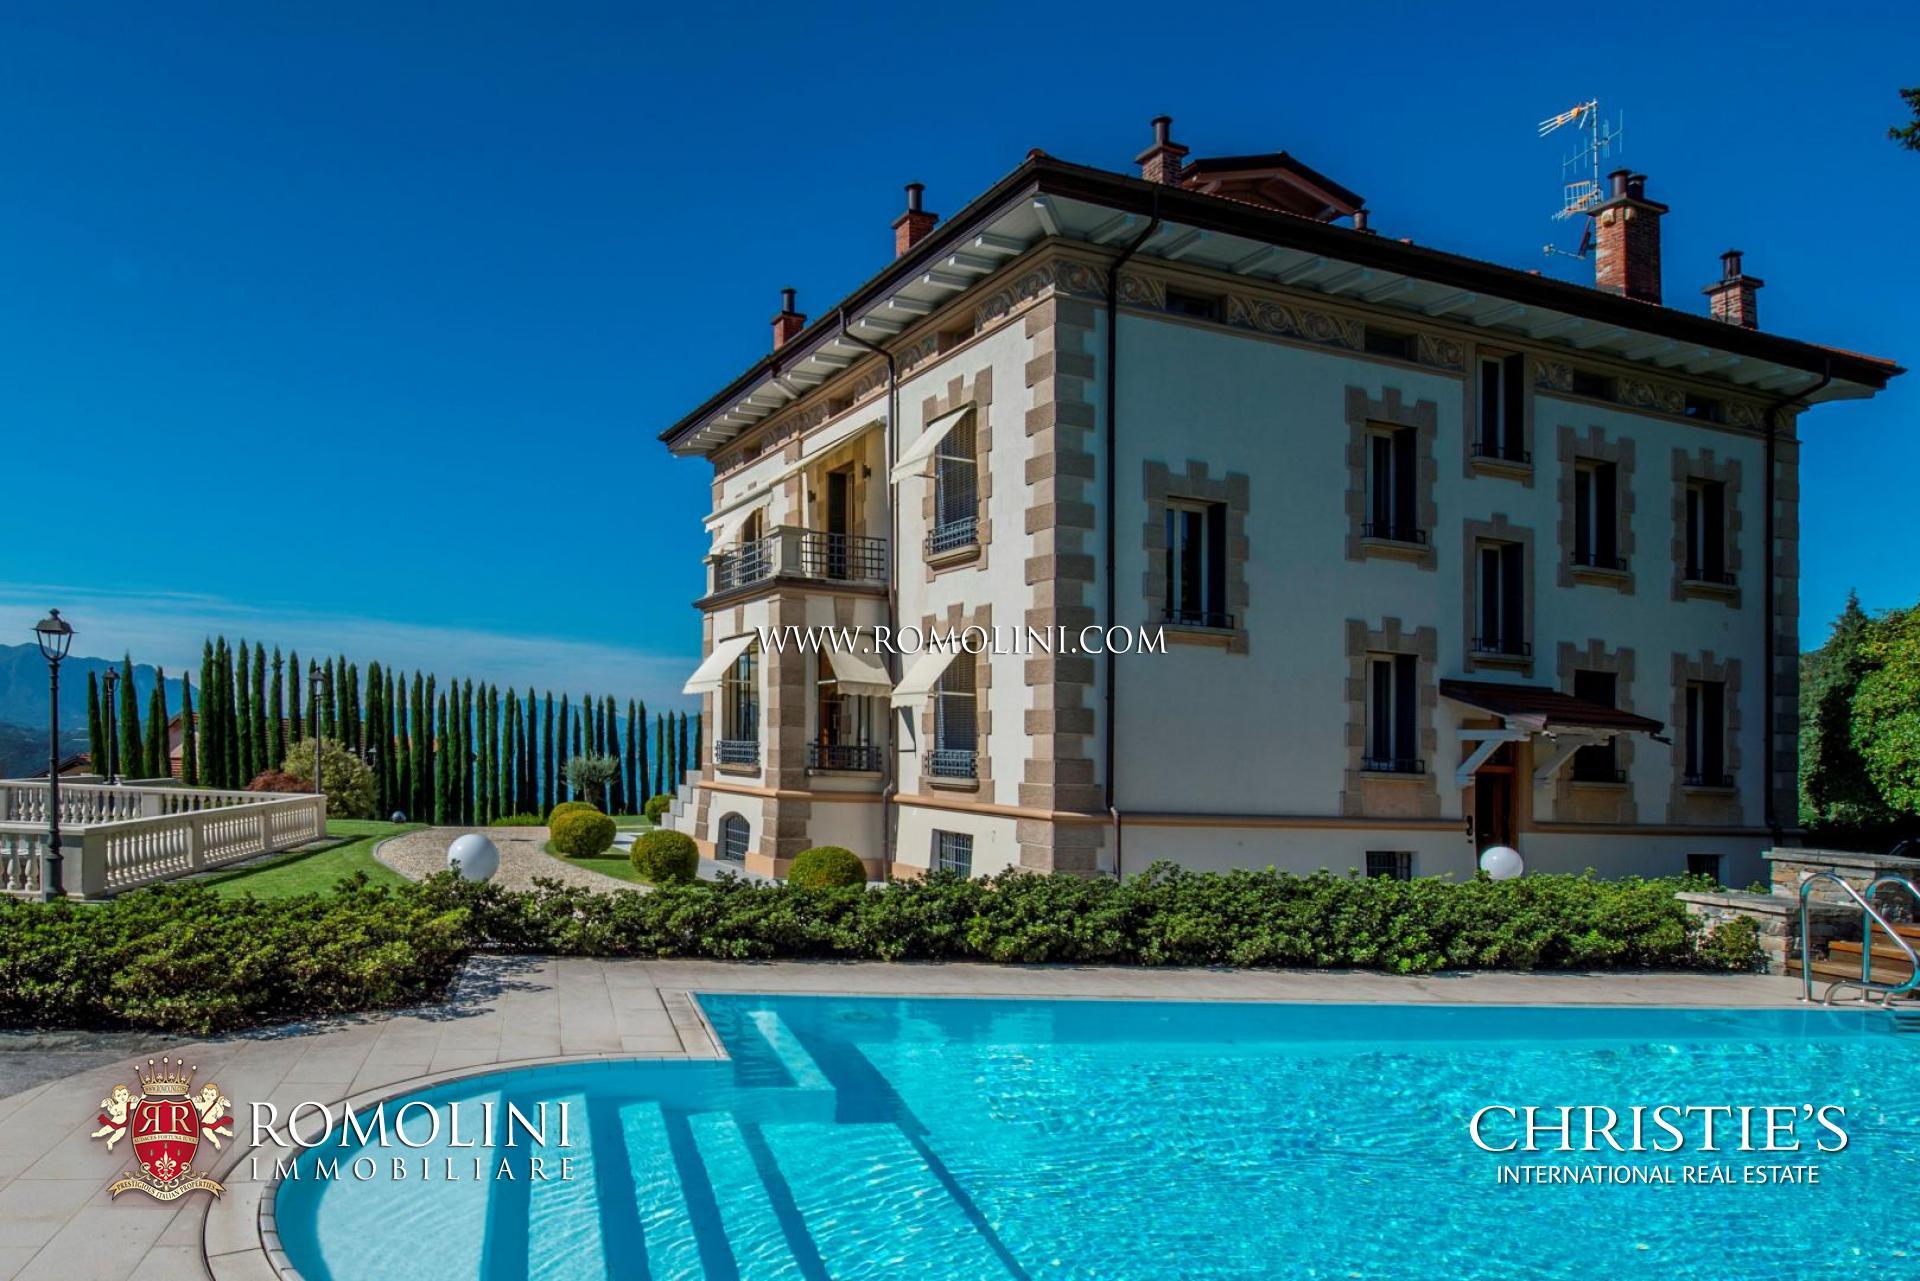 Lombardia immobili di prestigio in vendita castello for Case in vendita svizzera italiana